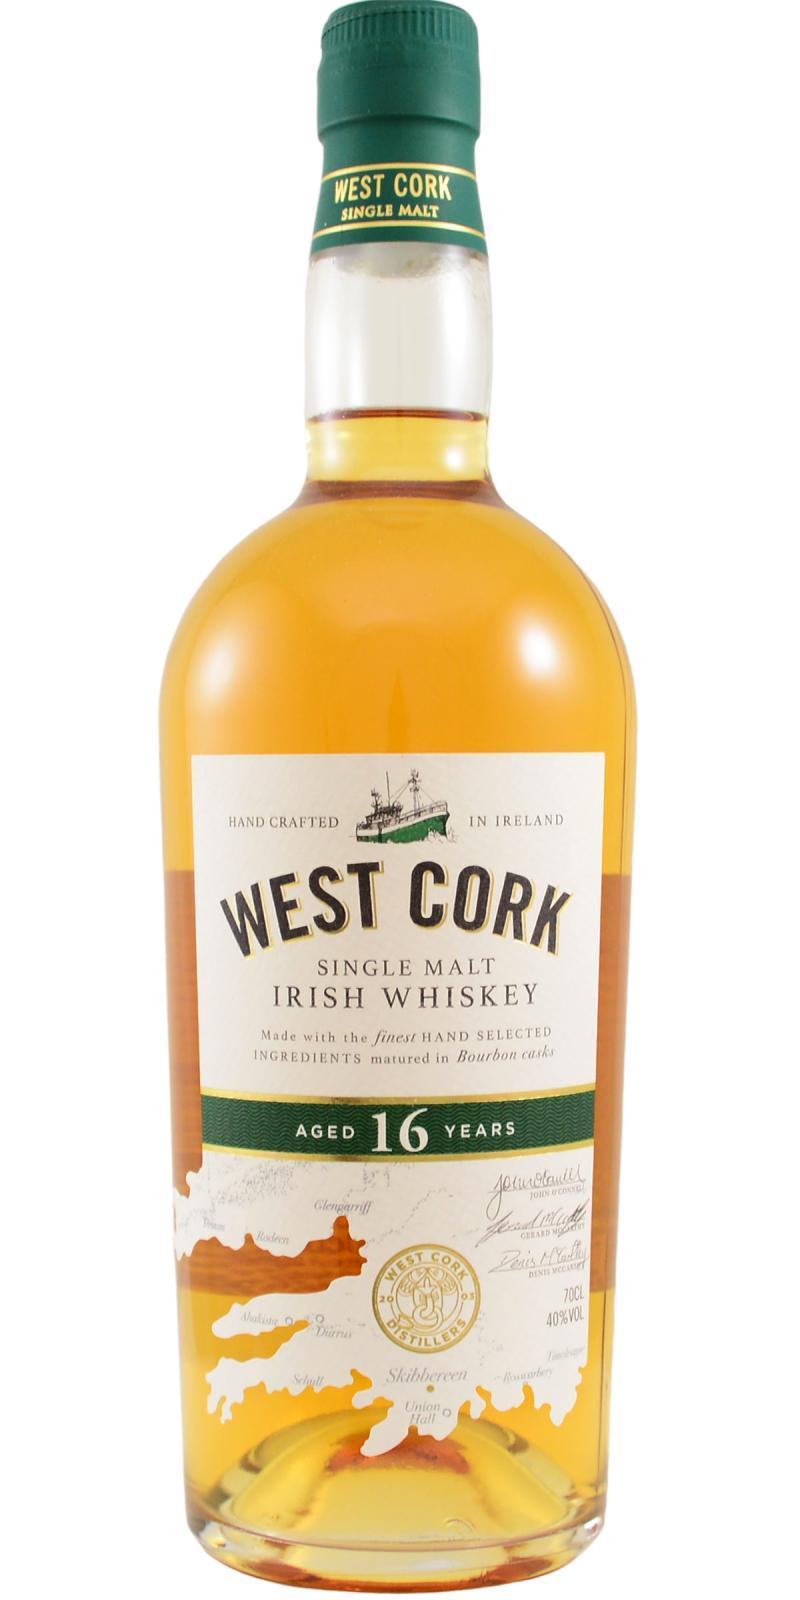 West Cork 16-year-old